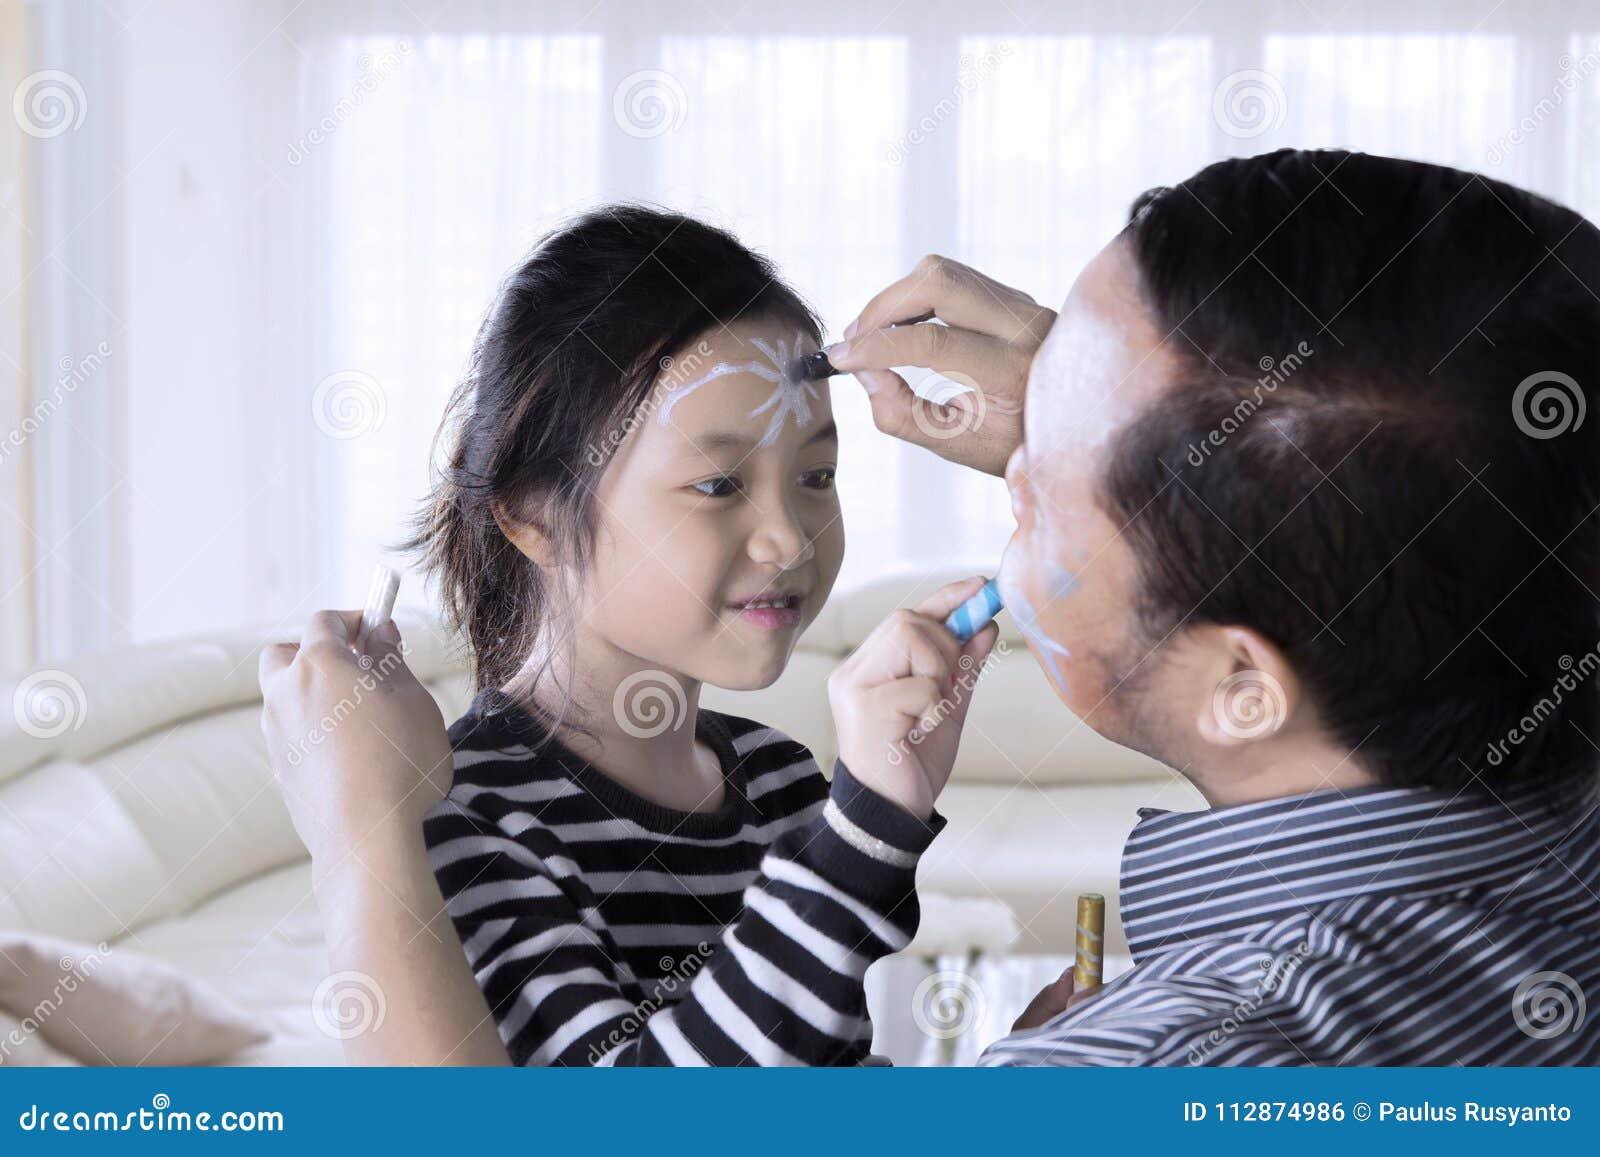 Μικρό κορίτσι και ο πατέρας της που κάνουν τη ζωγραφική προσώπου